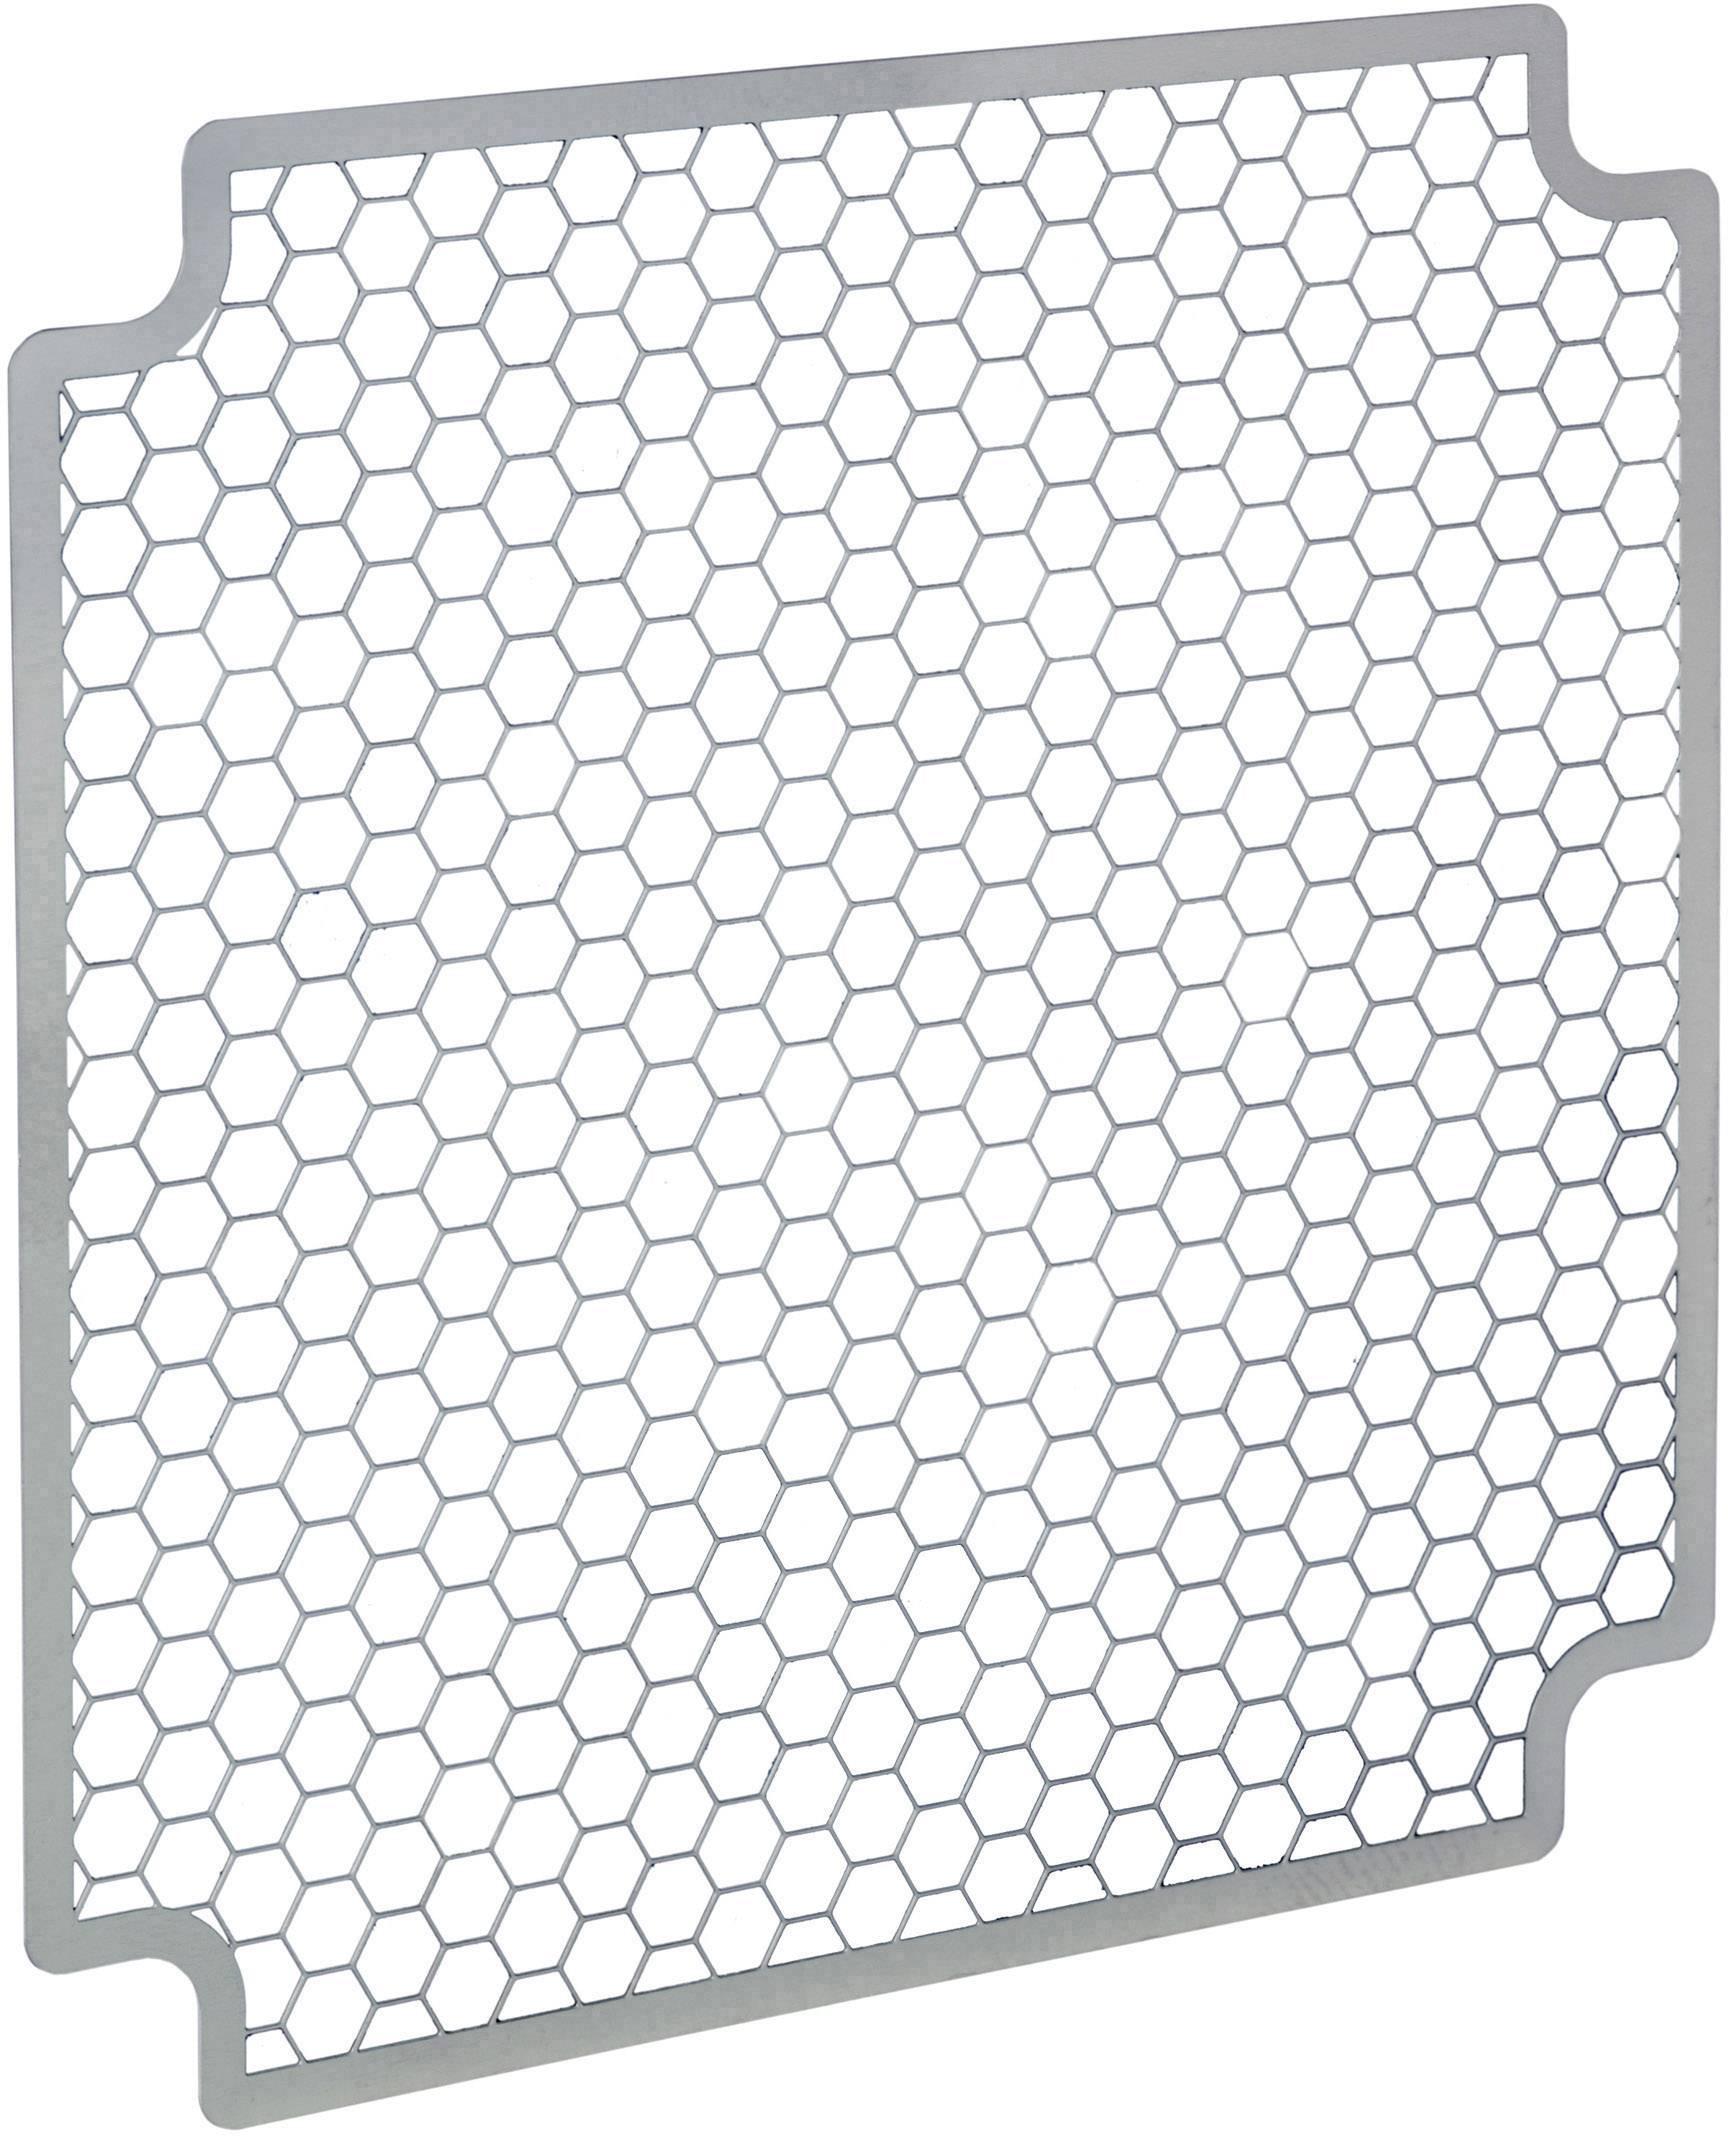 EMC stínicí mřížka SEPA;938010301, (š x v x h) 82 x 0.5 x 82 mm, 1 ks, nerezová ocel